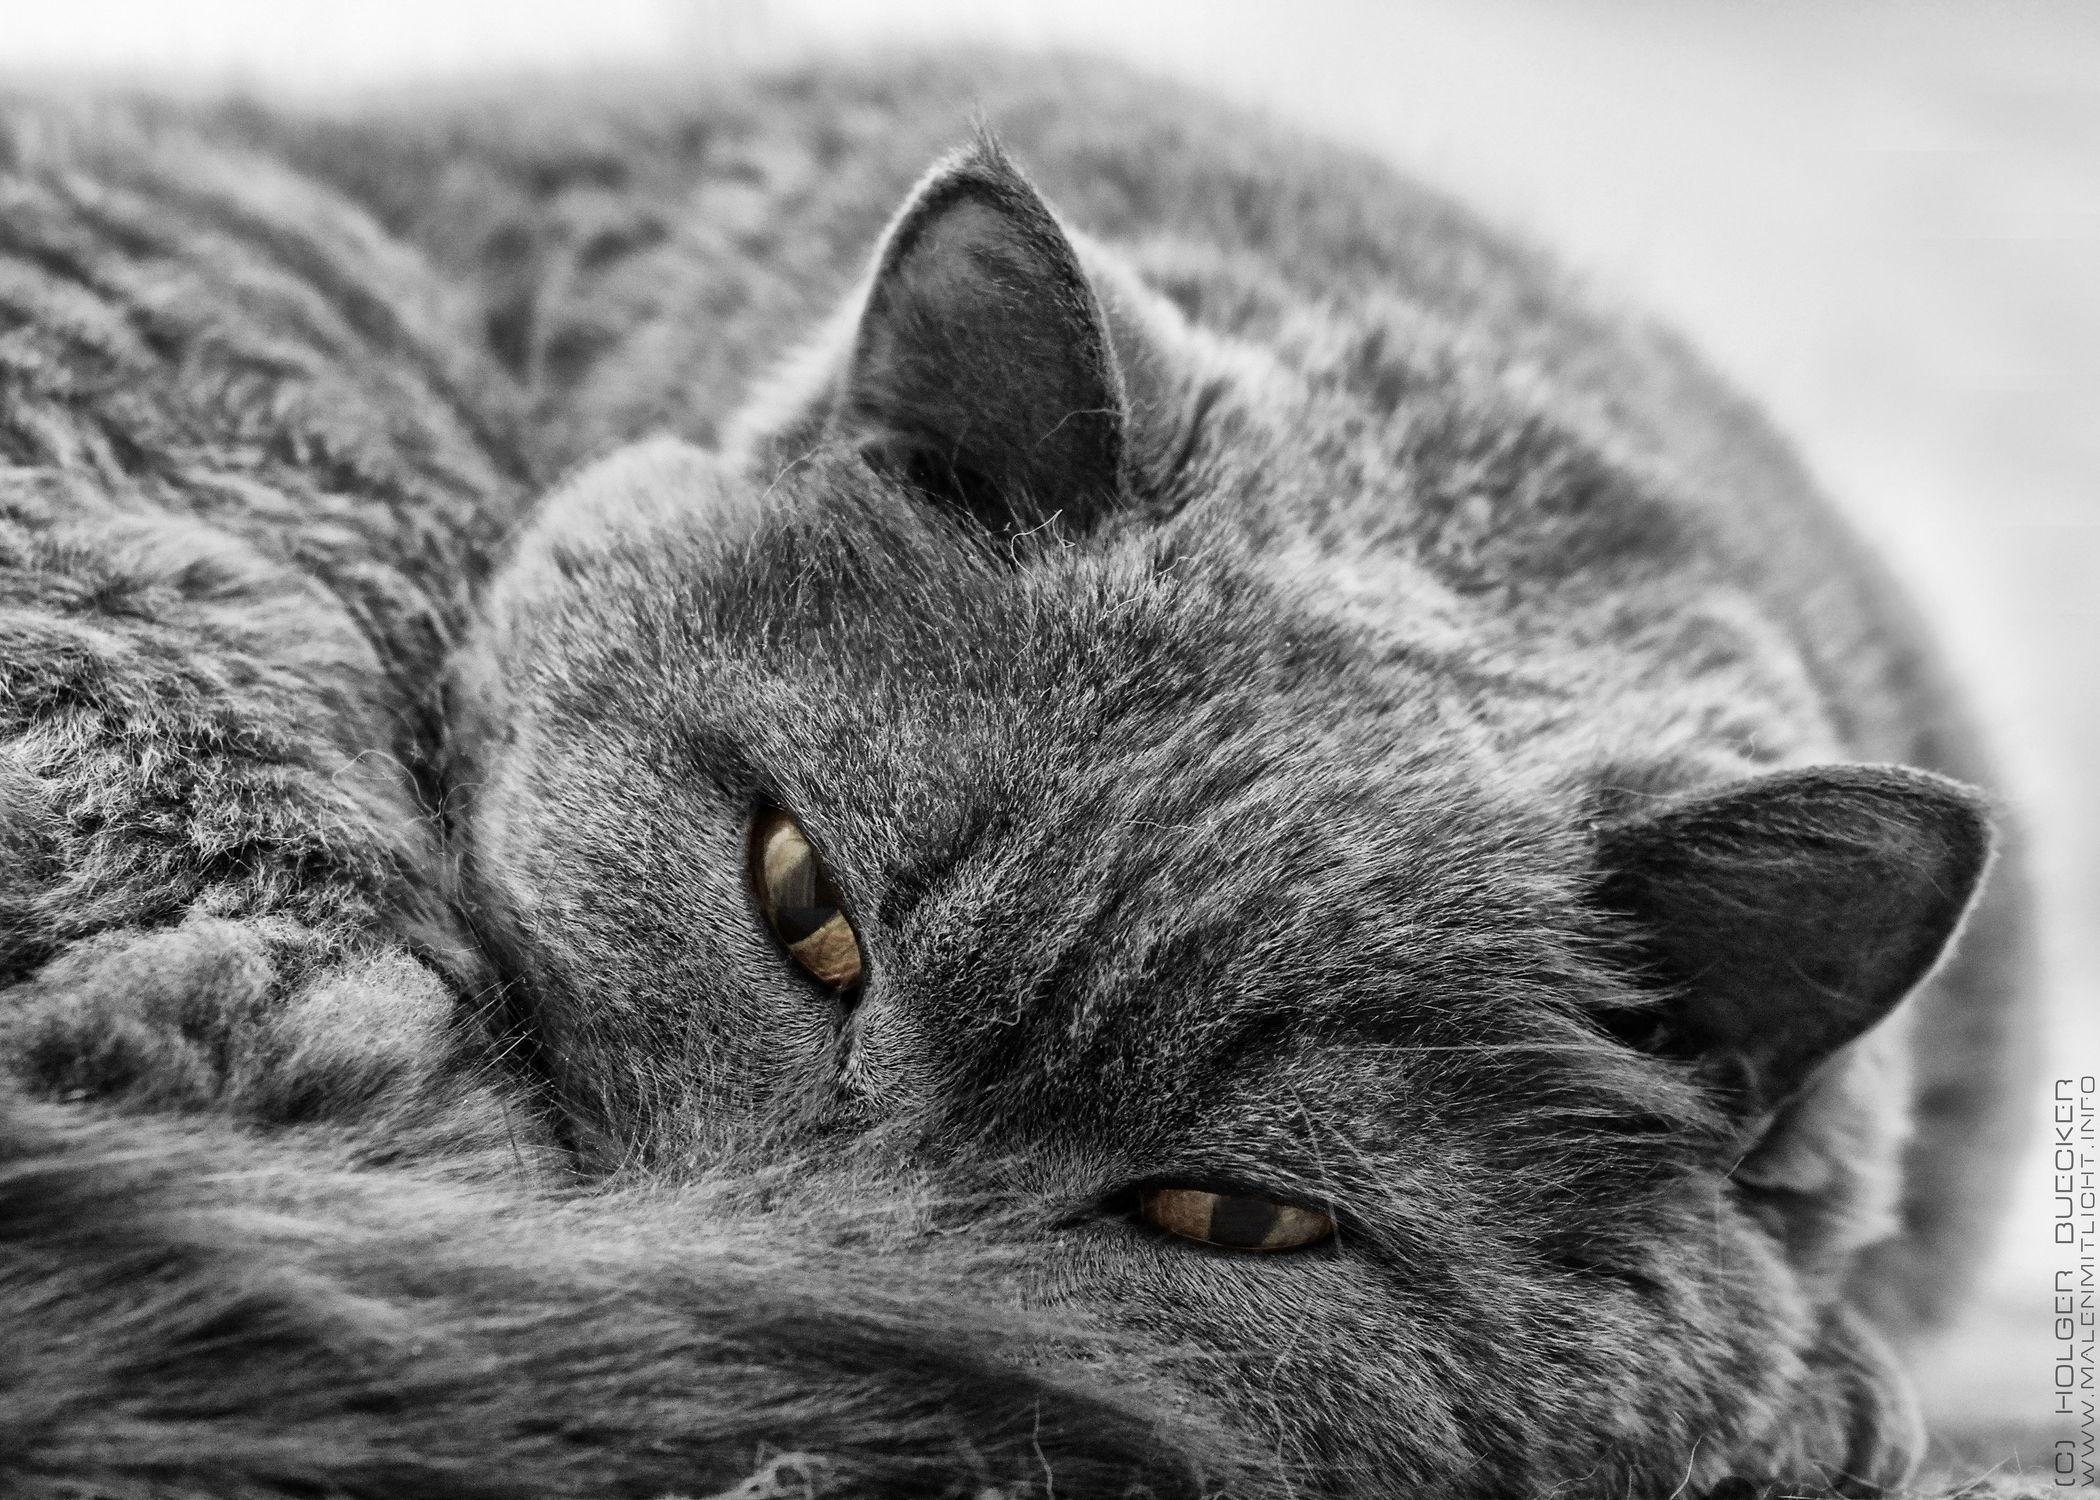 Bild mit Haustiere, Katzen, Katze, Kater, Haustier, hauskatzen, hauskatze, heimkatze, heimkatzen